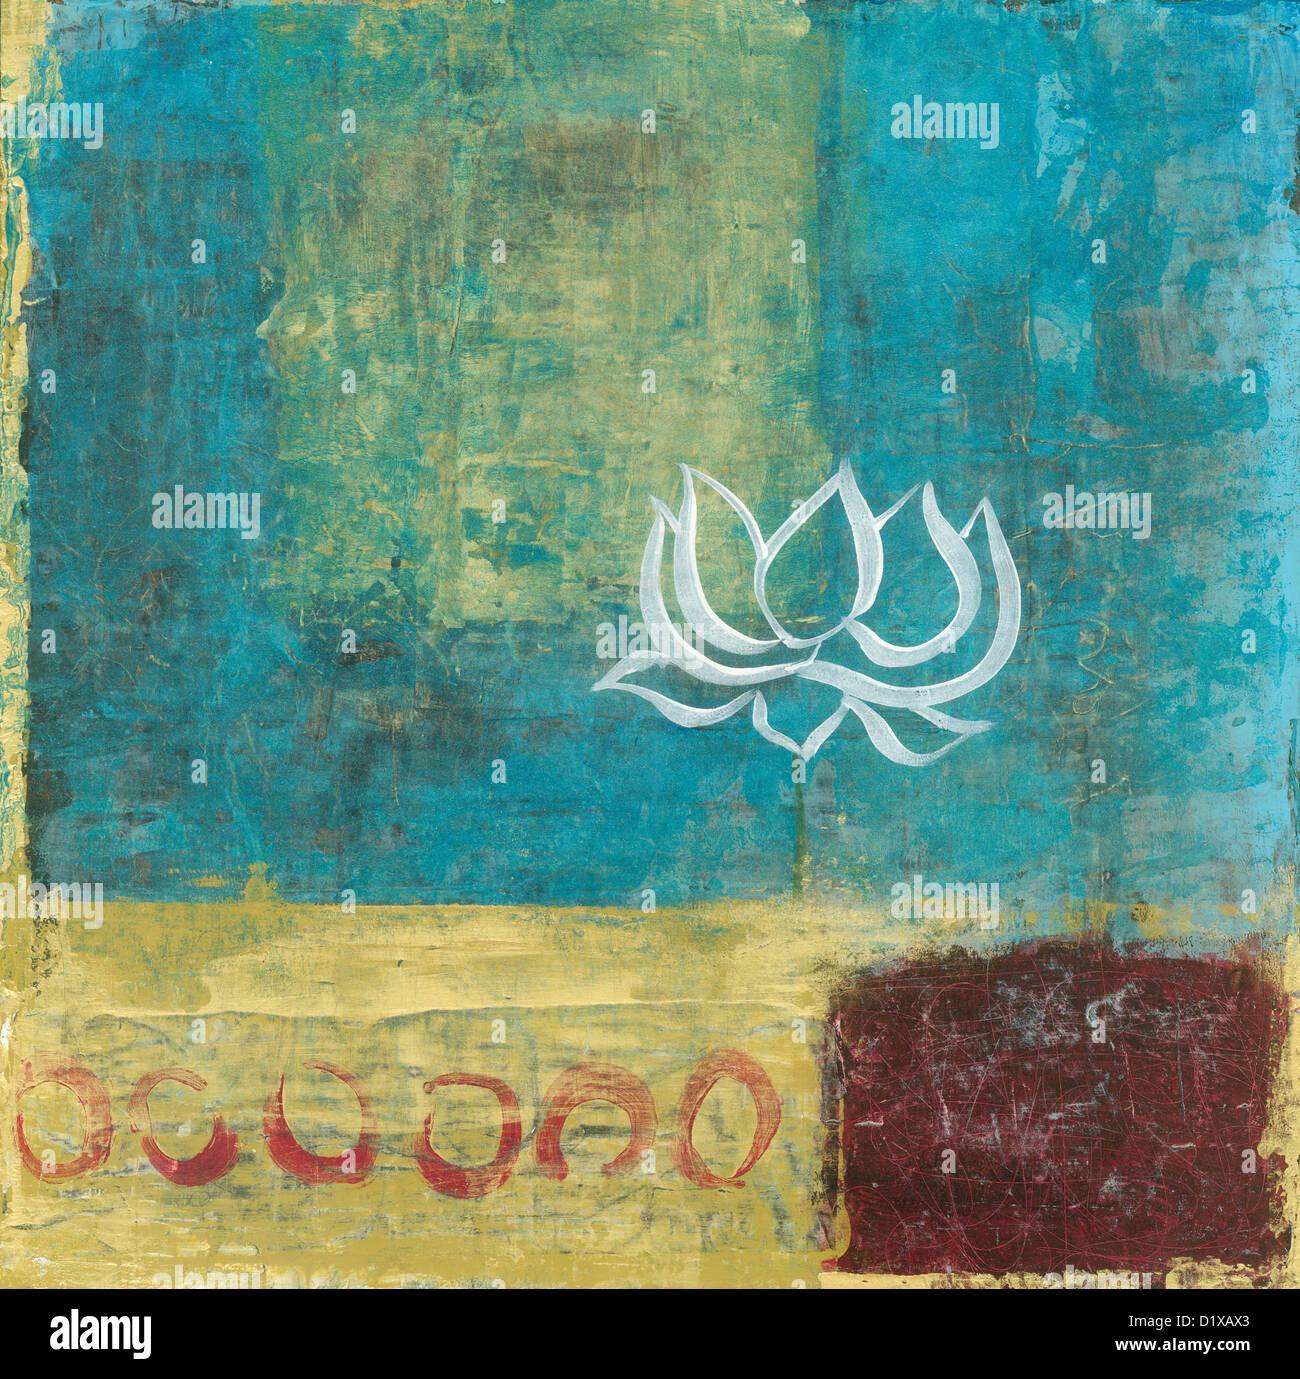 Résumé Contexte La peinture avec un simple lous Blossom. Photo Stock